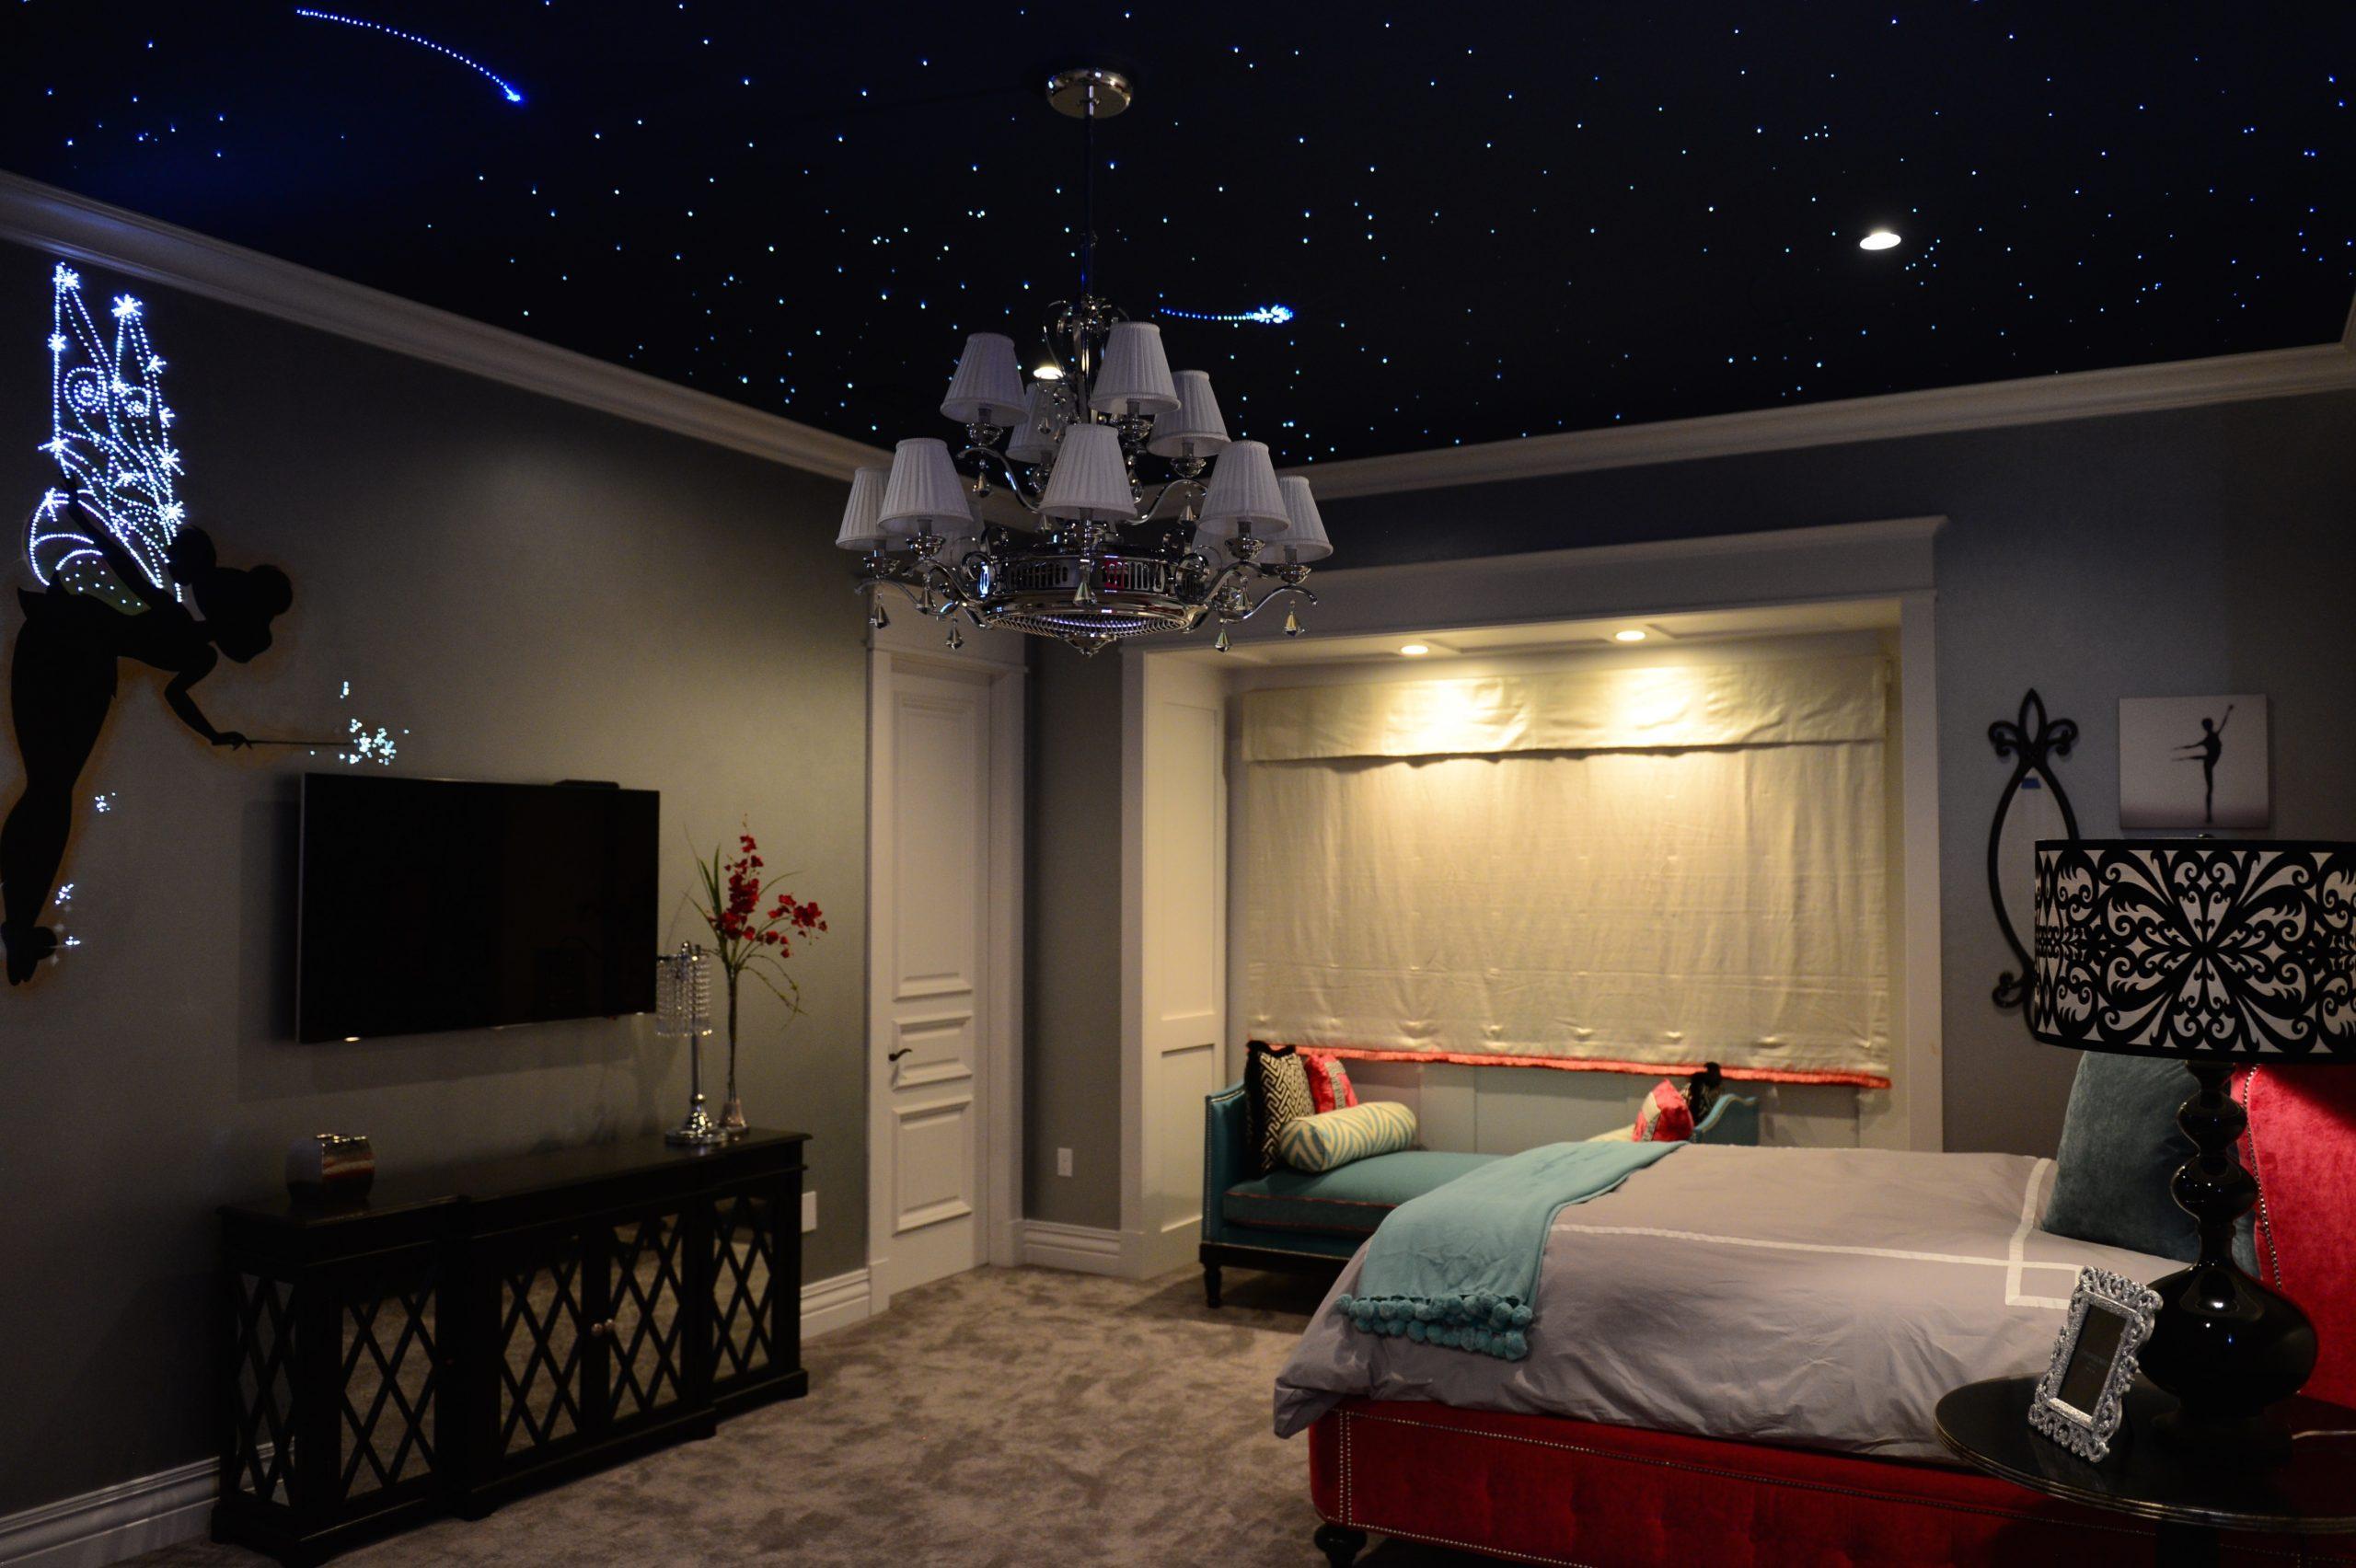 Lot 63 Bedroom